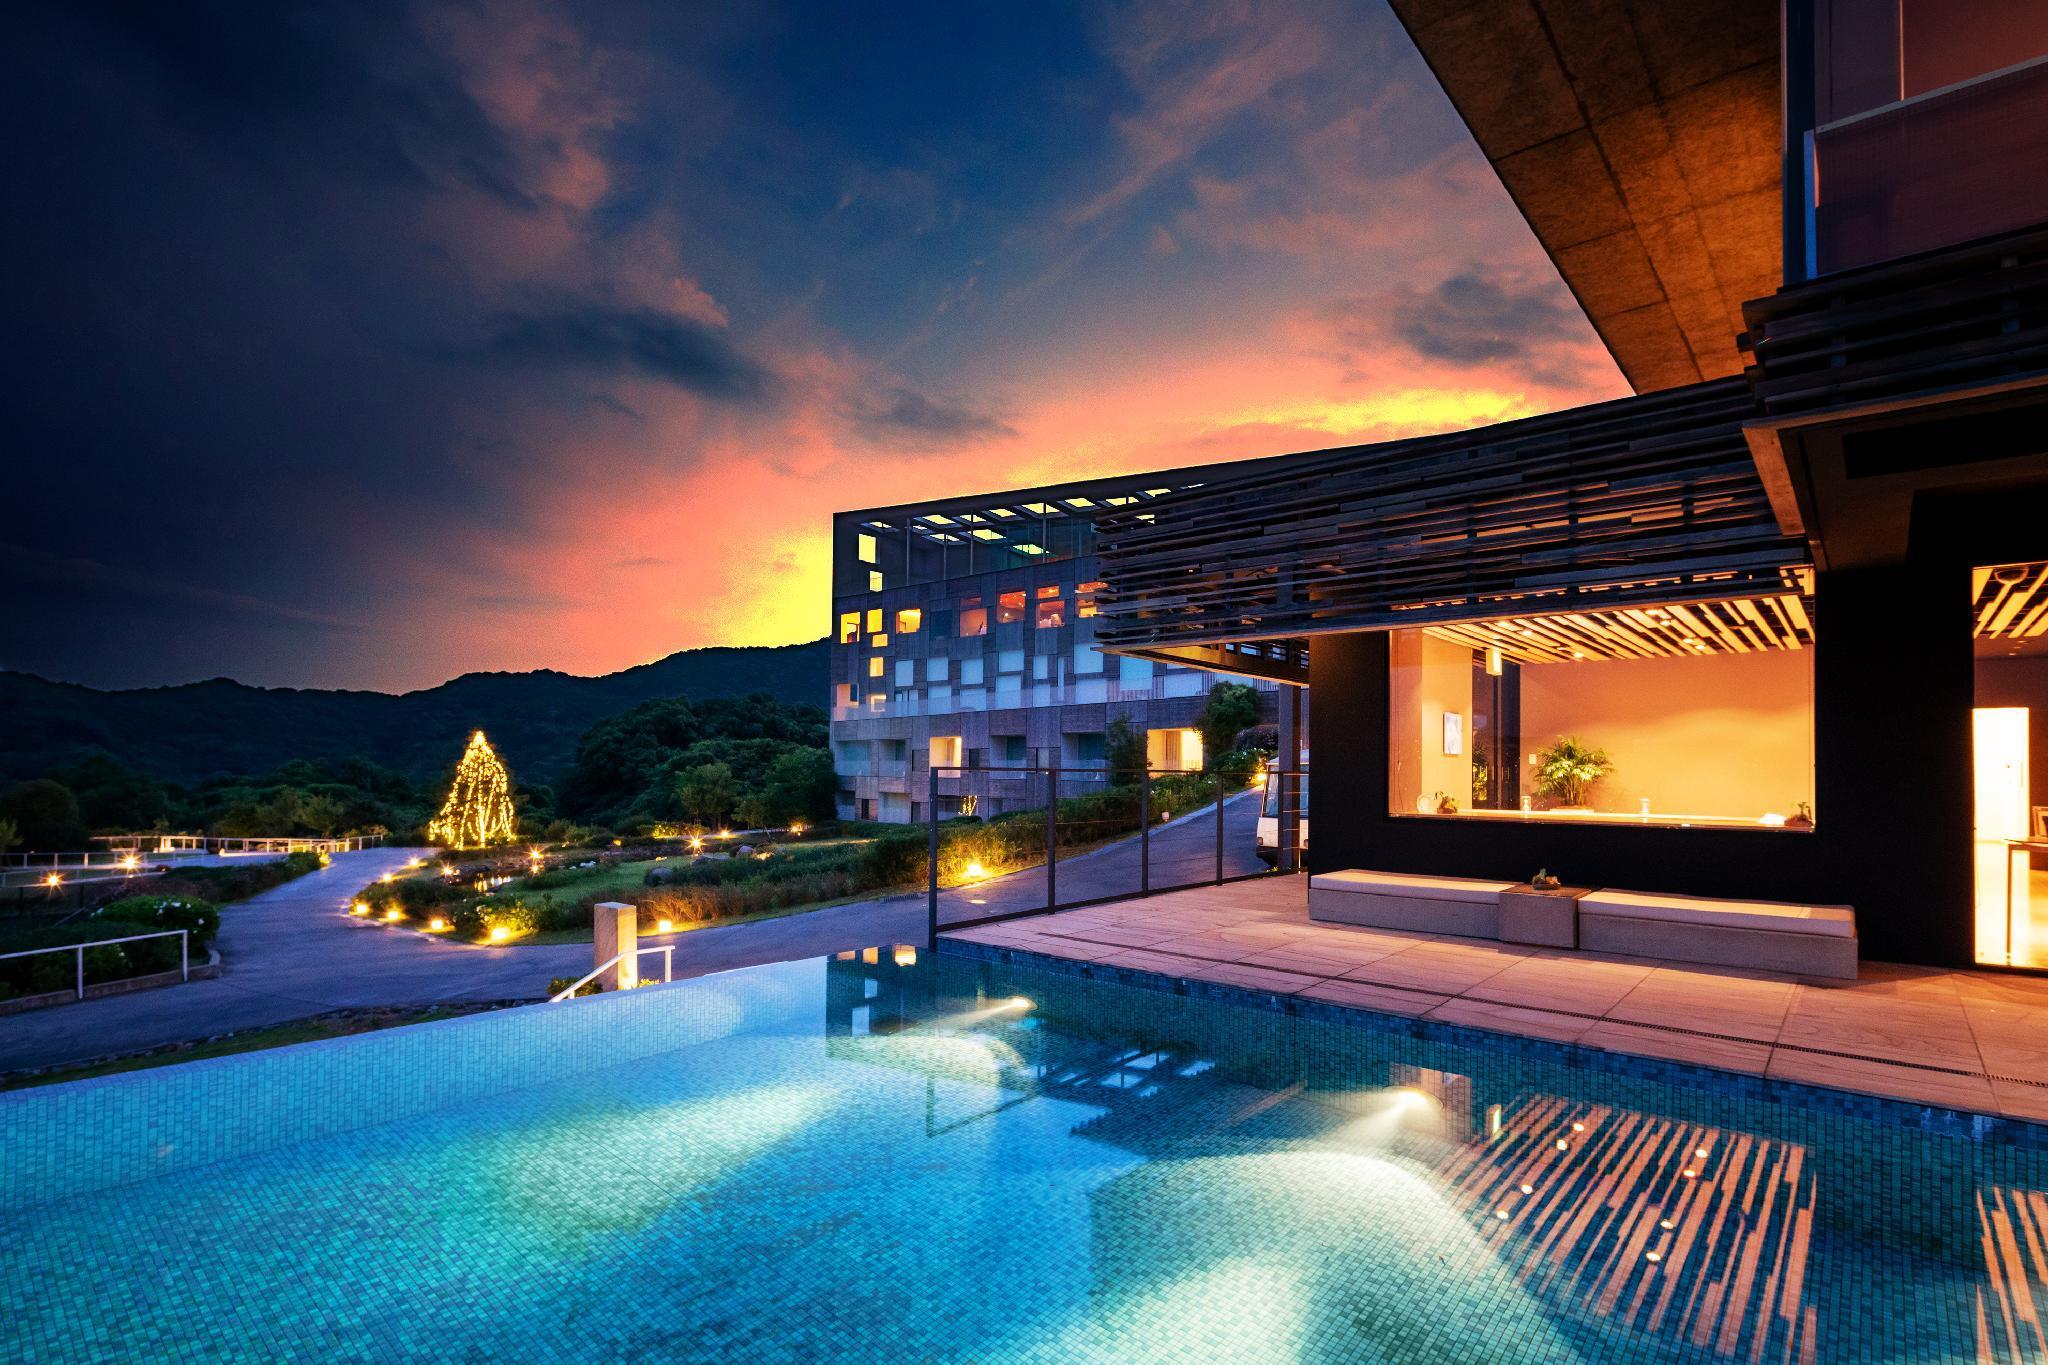 ガーデンテラス長崎ホテル&リゾート (Garden Terrace Nagasaki Hotel & Resort) クチコミあり - 長崎